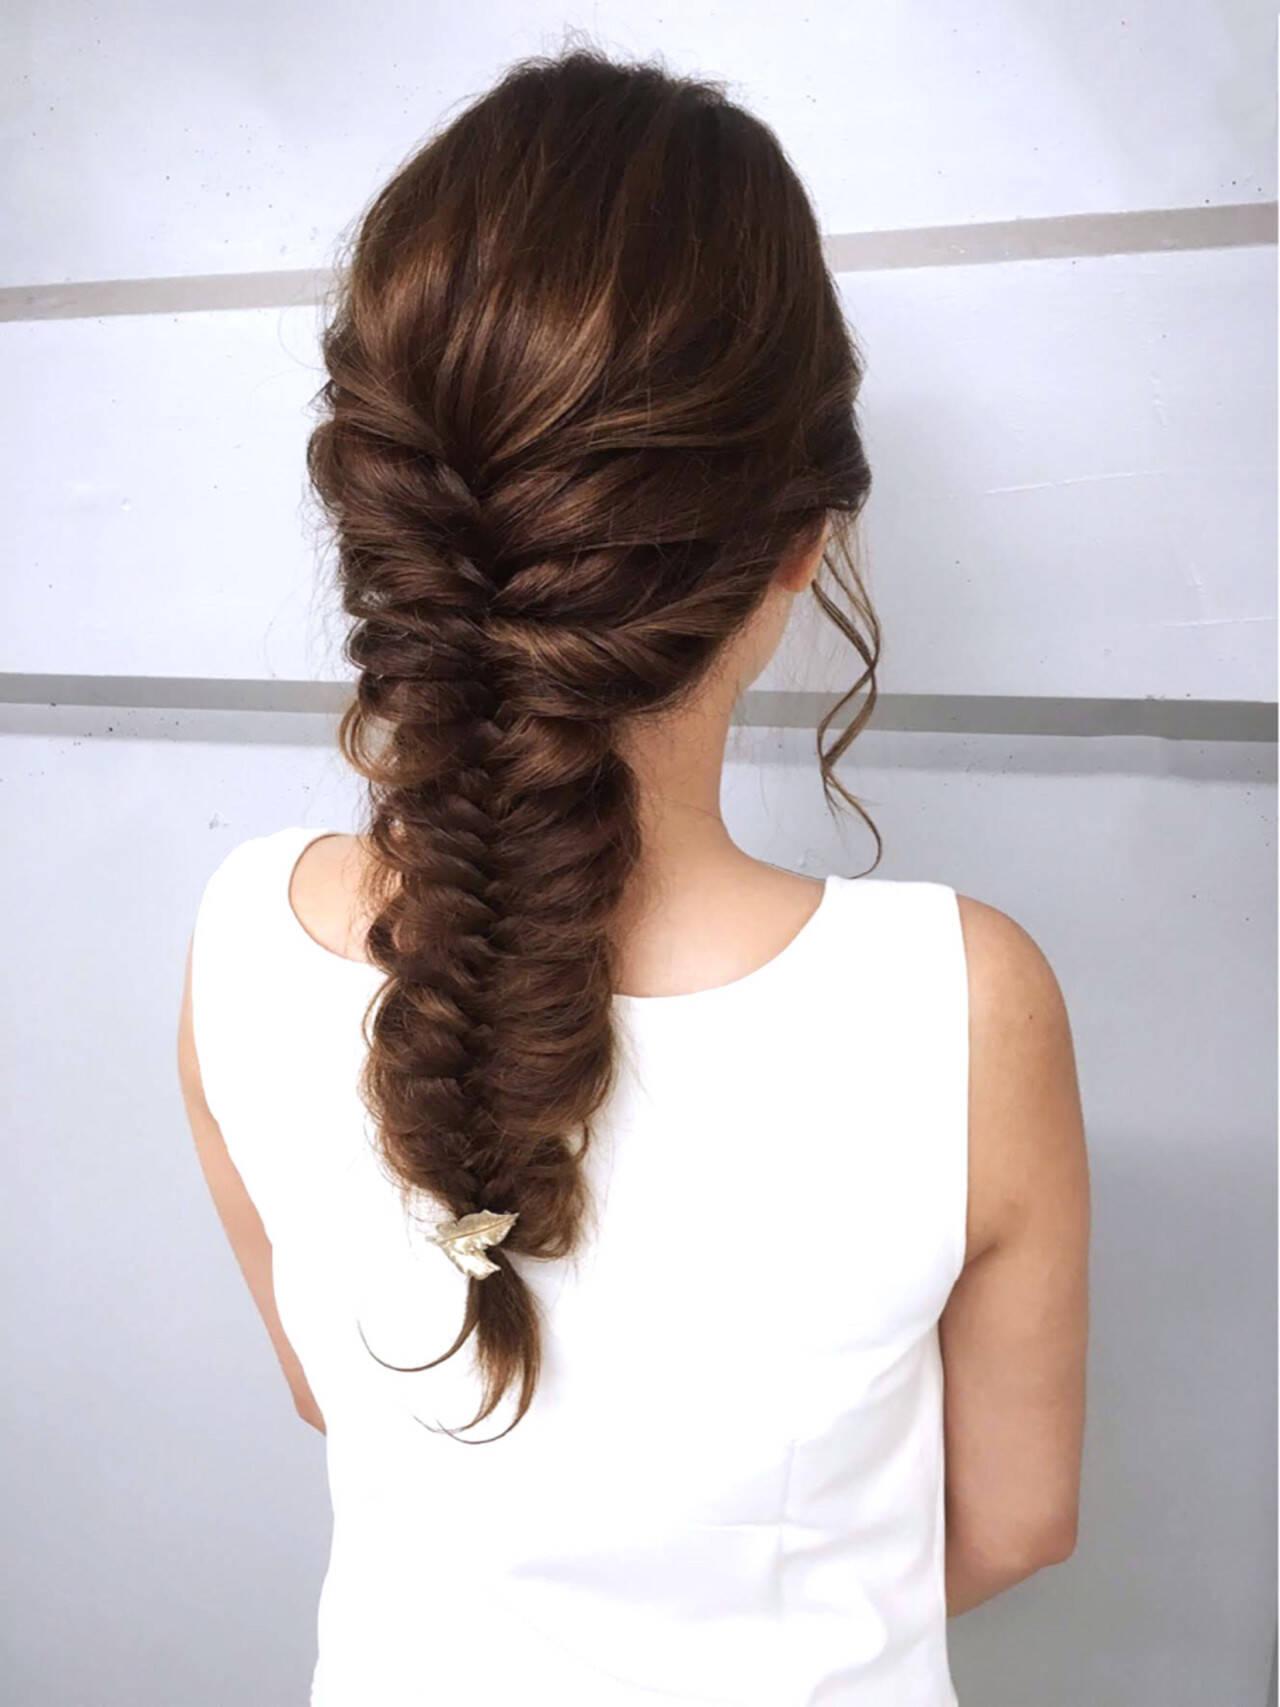 ハーフアップ 大人かわいい ショート 大人女子ヘアスタイルや髪型の写真・画像